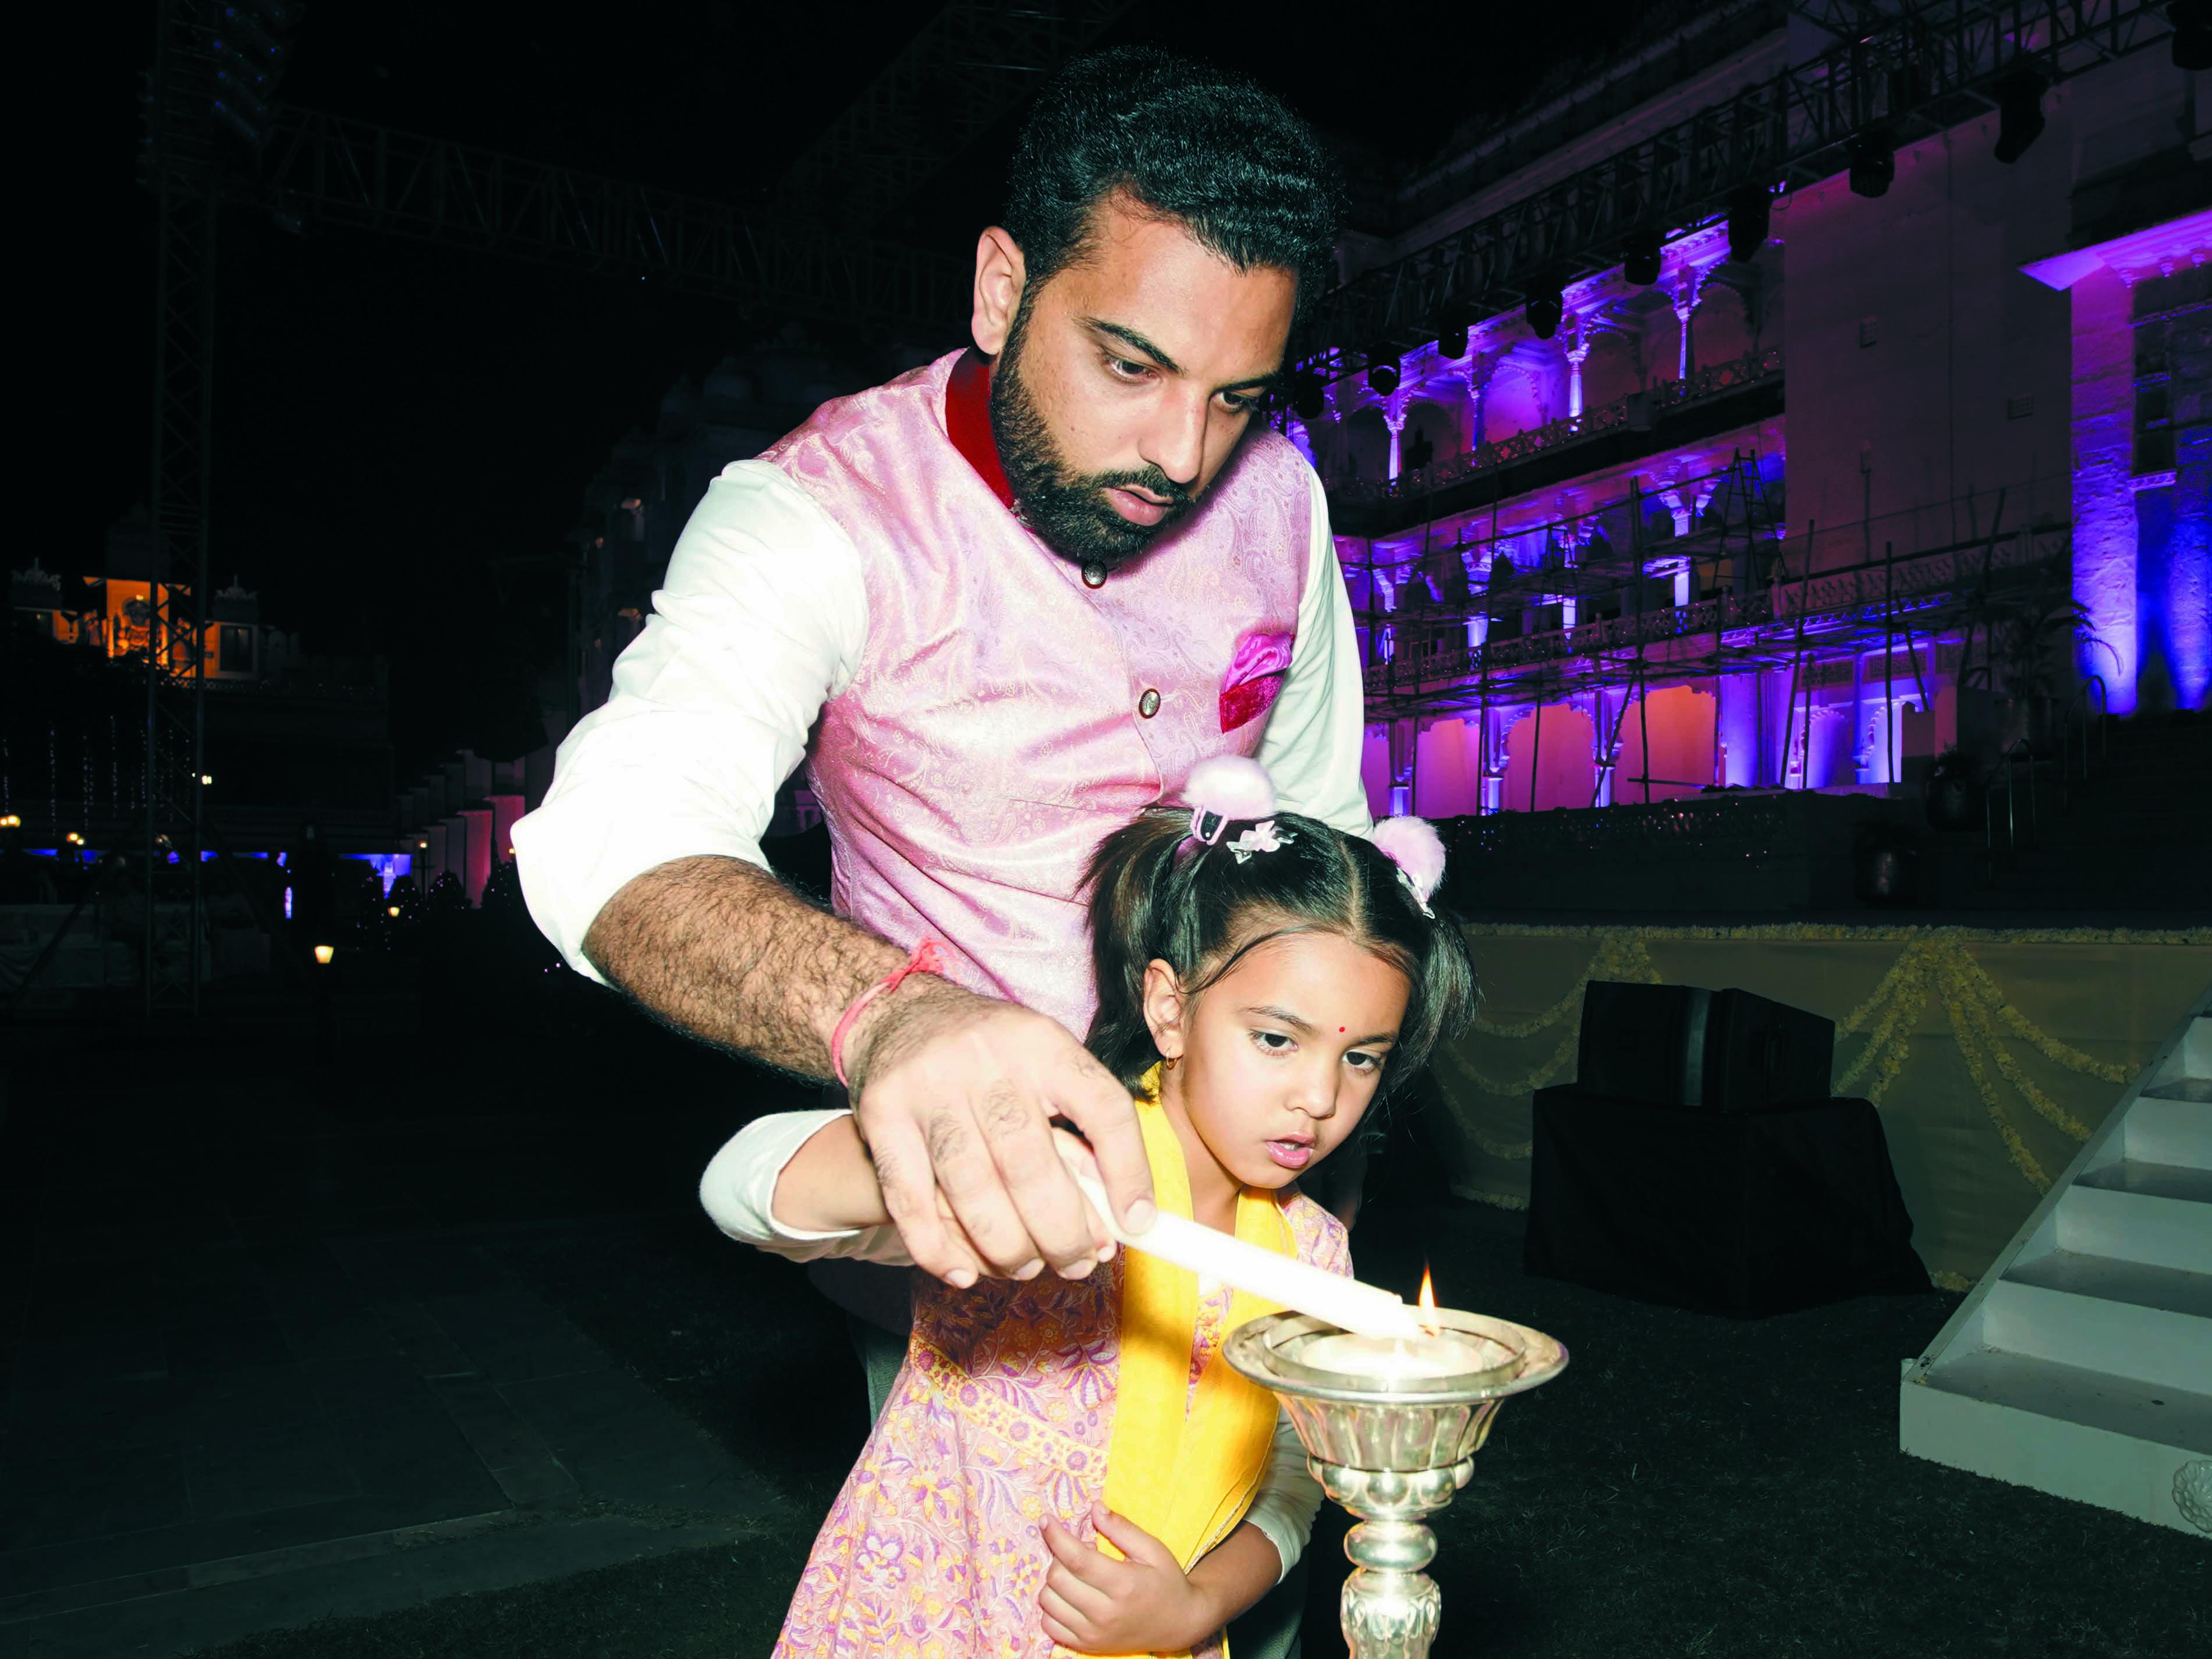 सिटी पेलेस: भरतनाट्यम की मंत्र्मुग्ध प्रस्तुतियों से कला प्रेमी हुए भाव विभोर